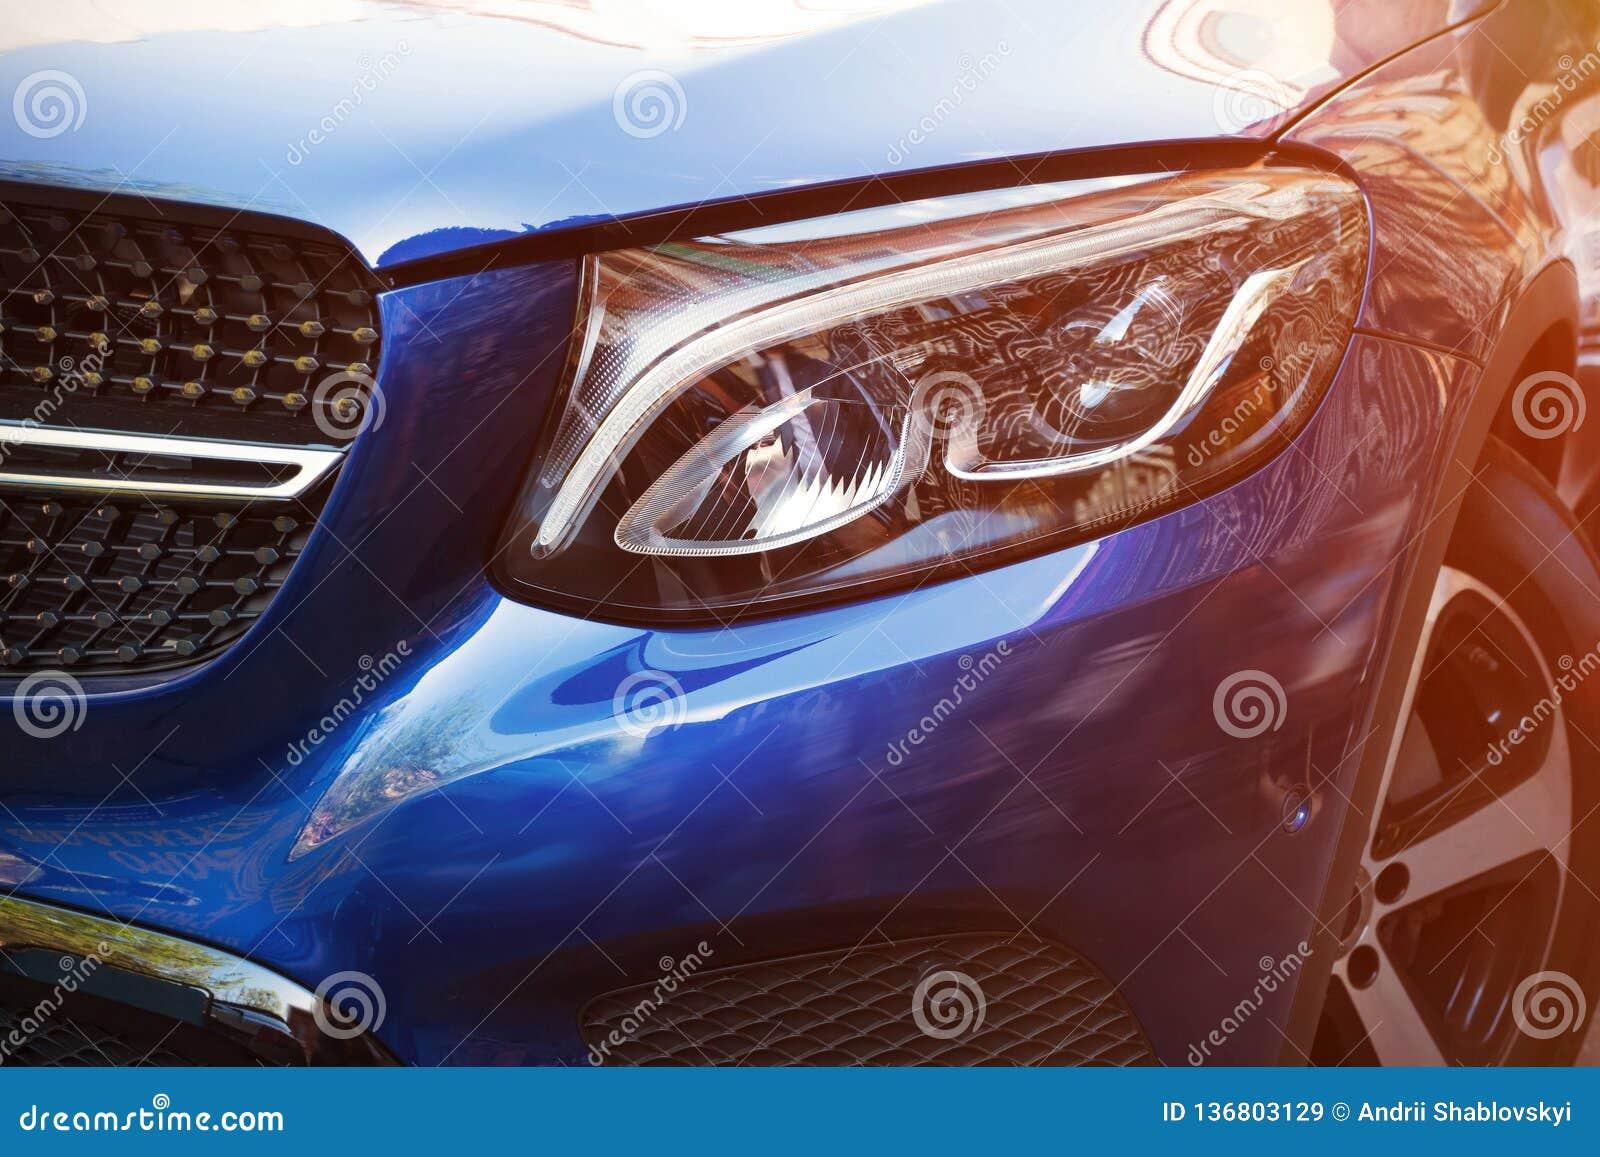 Piękny reflektor błękitny samochód obok w górę słonecznego dnia w Rodzaj z stroną